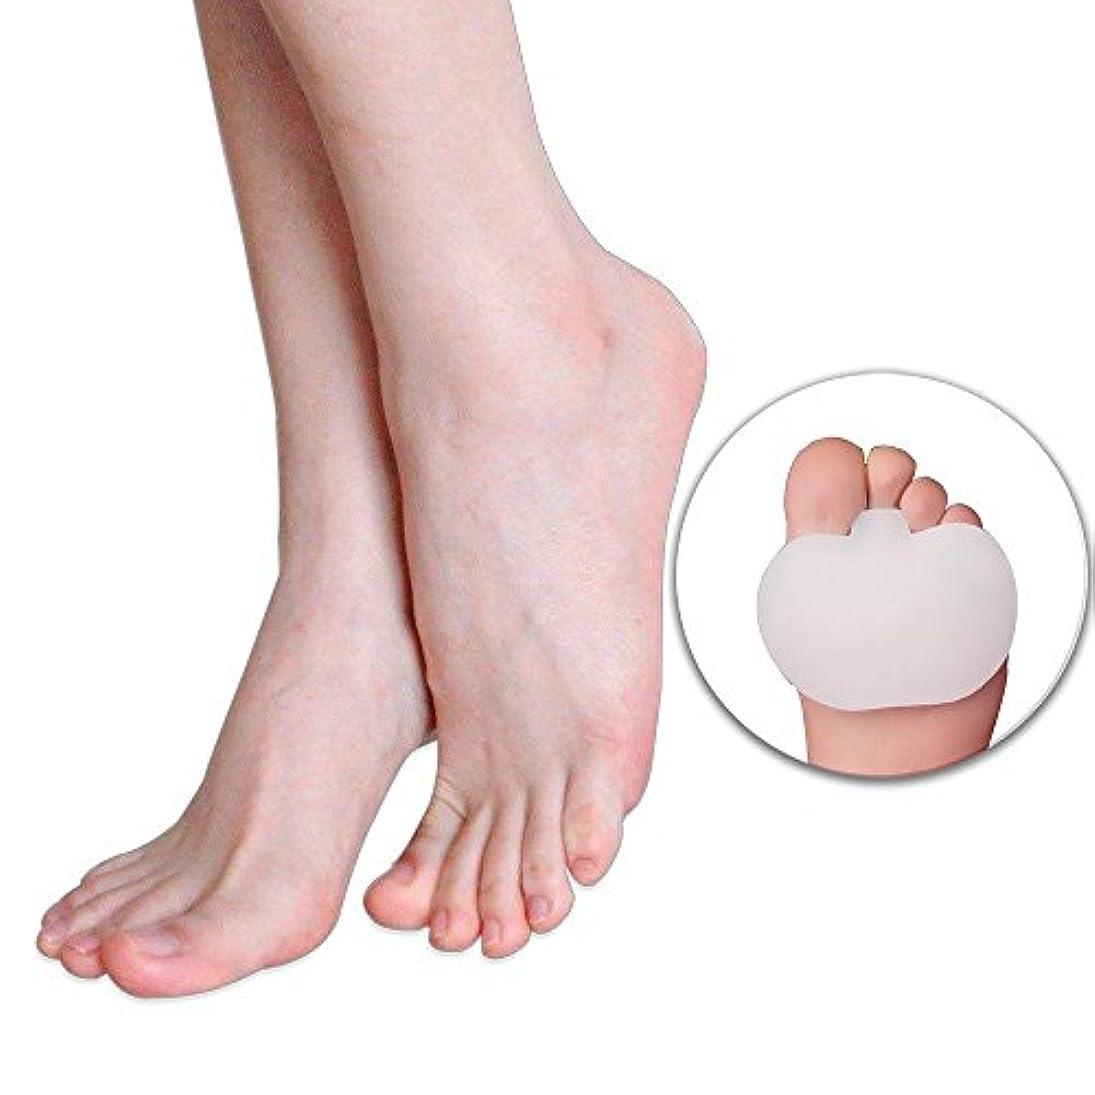 注釈気づくなる小人フットマッサージ 前足パット足のケア、ゲルソックス、つま先、シリコン、外反母趾矯正、ゲル中足骨パッド、足クッションのボール、前足のケア、痛みの足の痛み、外反、外反母趾